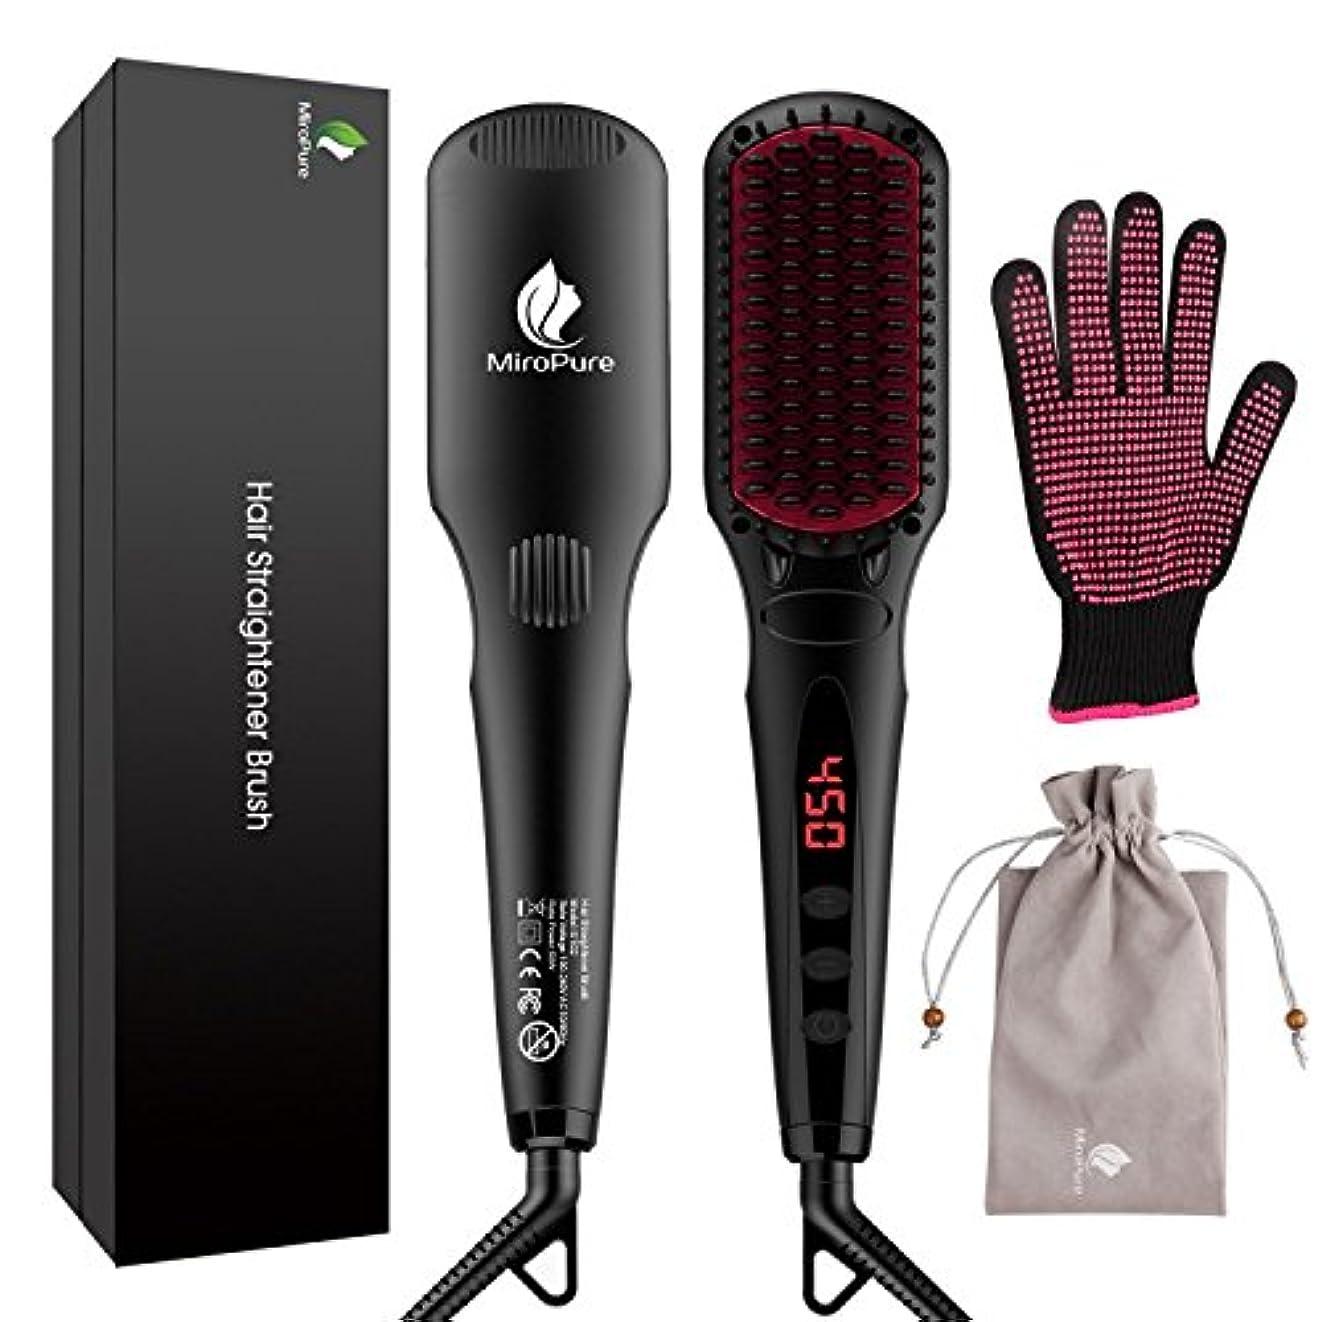 やろうモットー大学MiroPure 2 in 1 Ionic Hair Straightener Brush ヘアストレートヘアブラシ with Heat Resistant Glove and Temperature Lock Function...